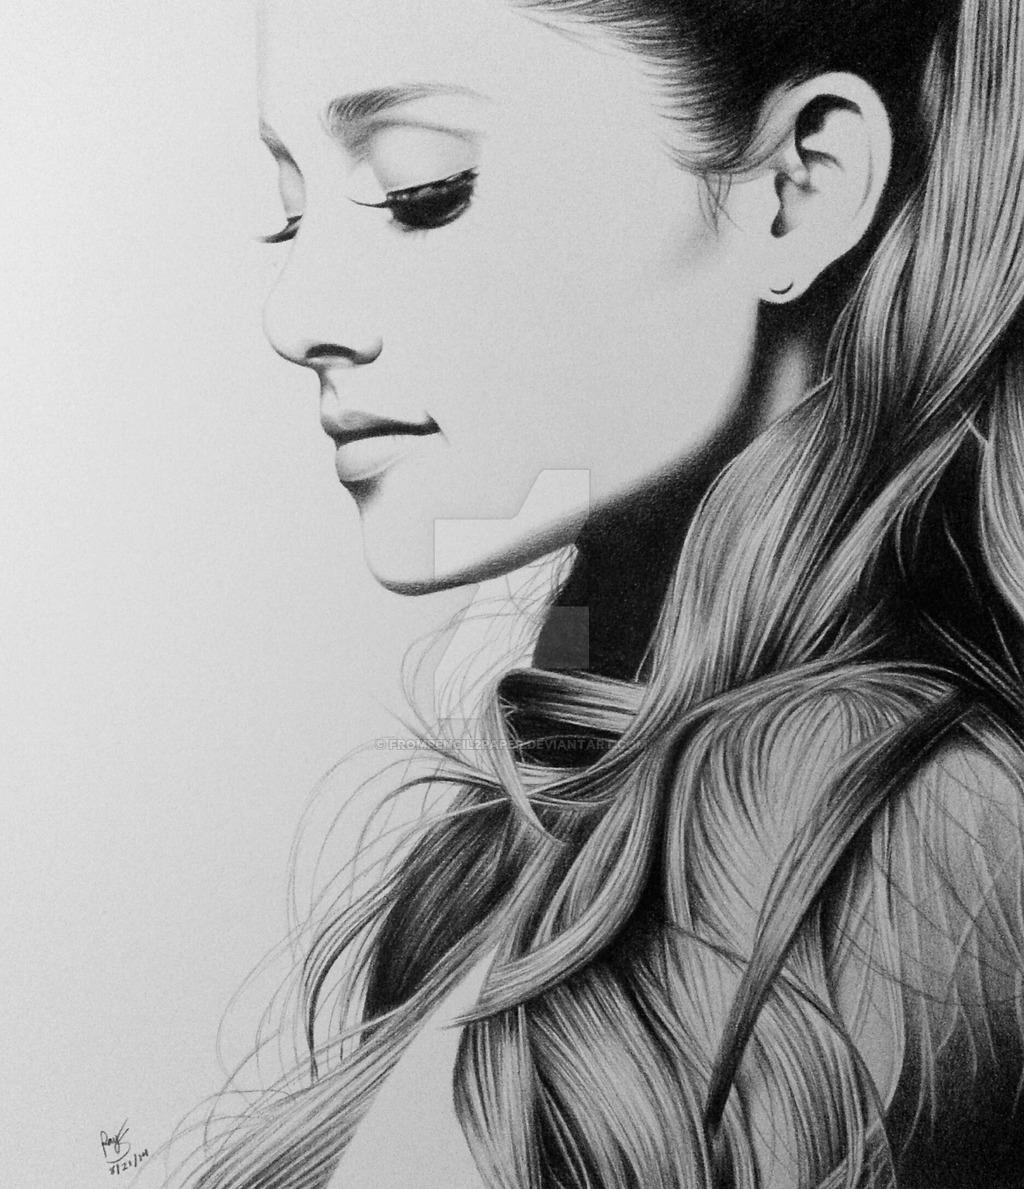 Drawn portrait ariana grande  on deviantart @DeviantArt deviantart